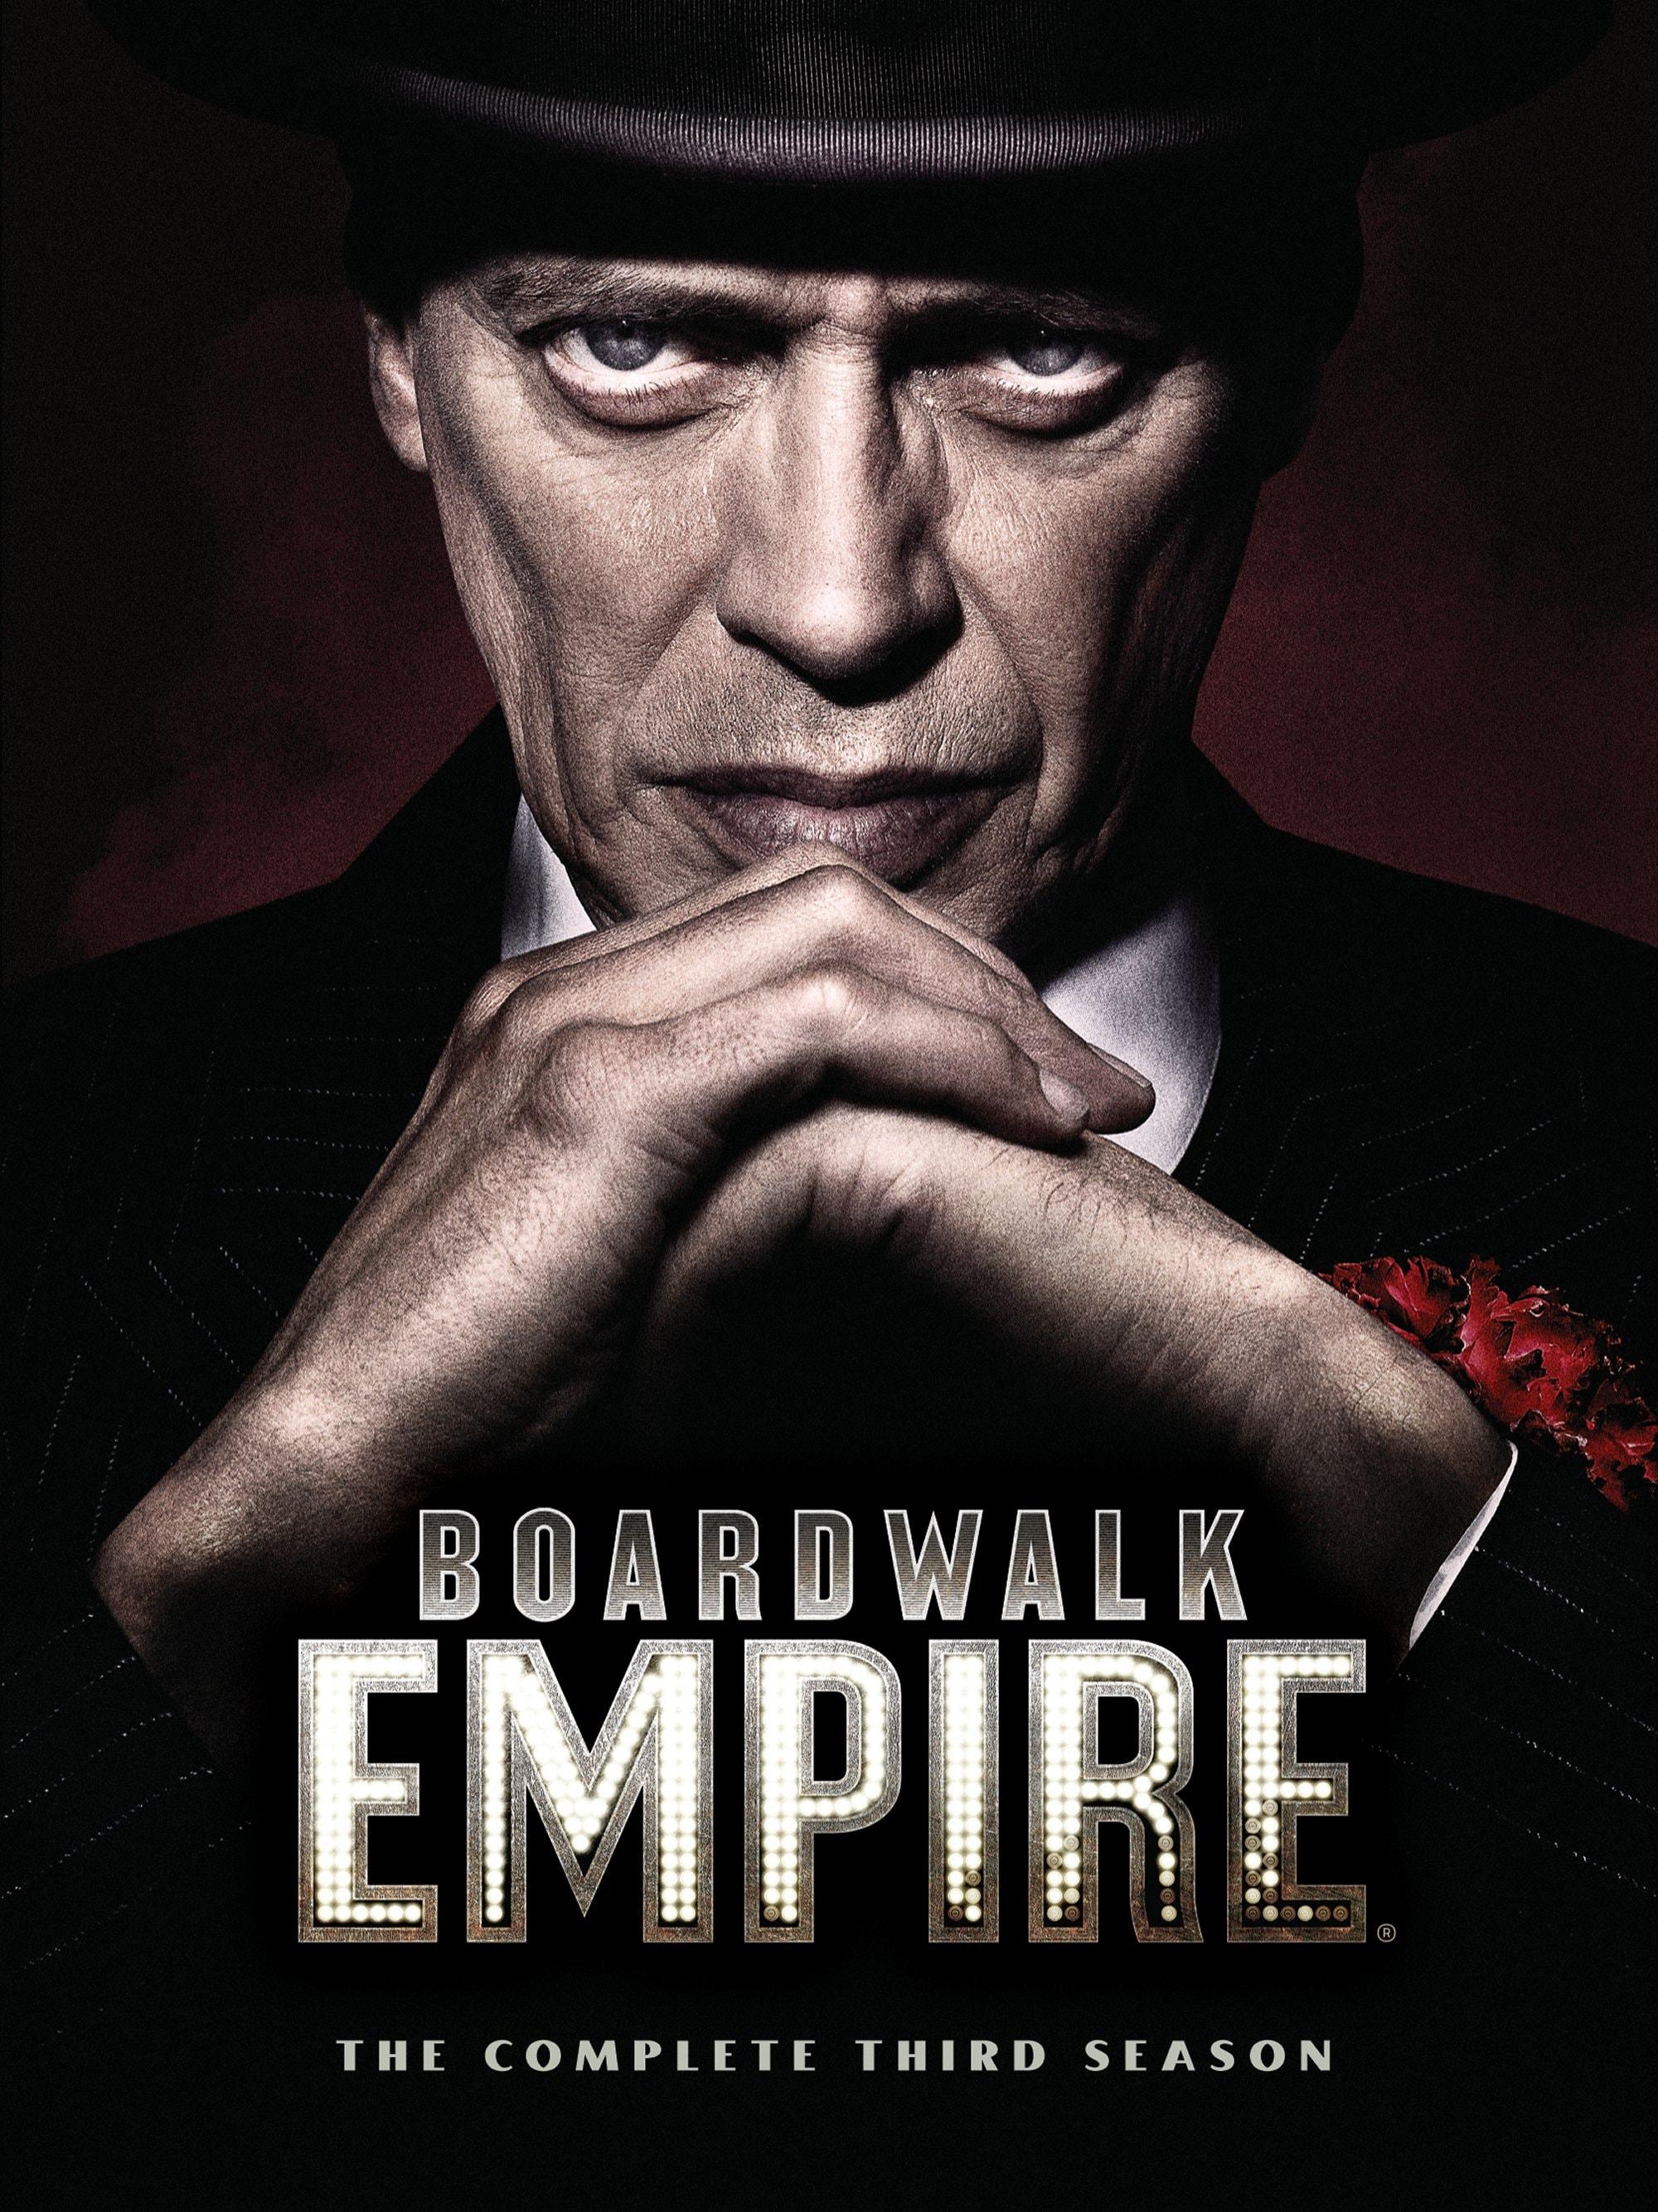 Boardwalk Empire: Complete Third Season (DVD)